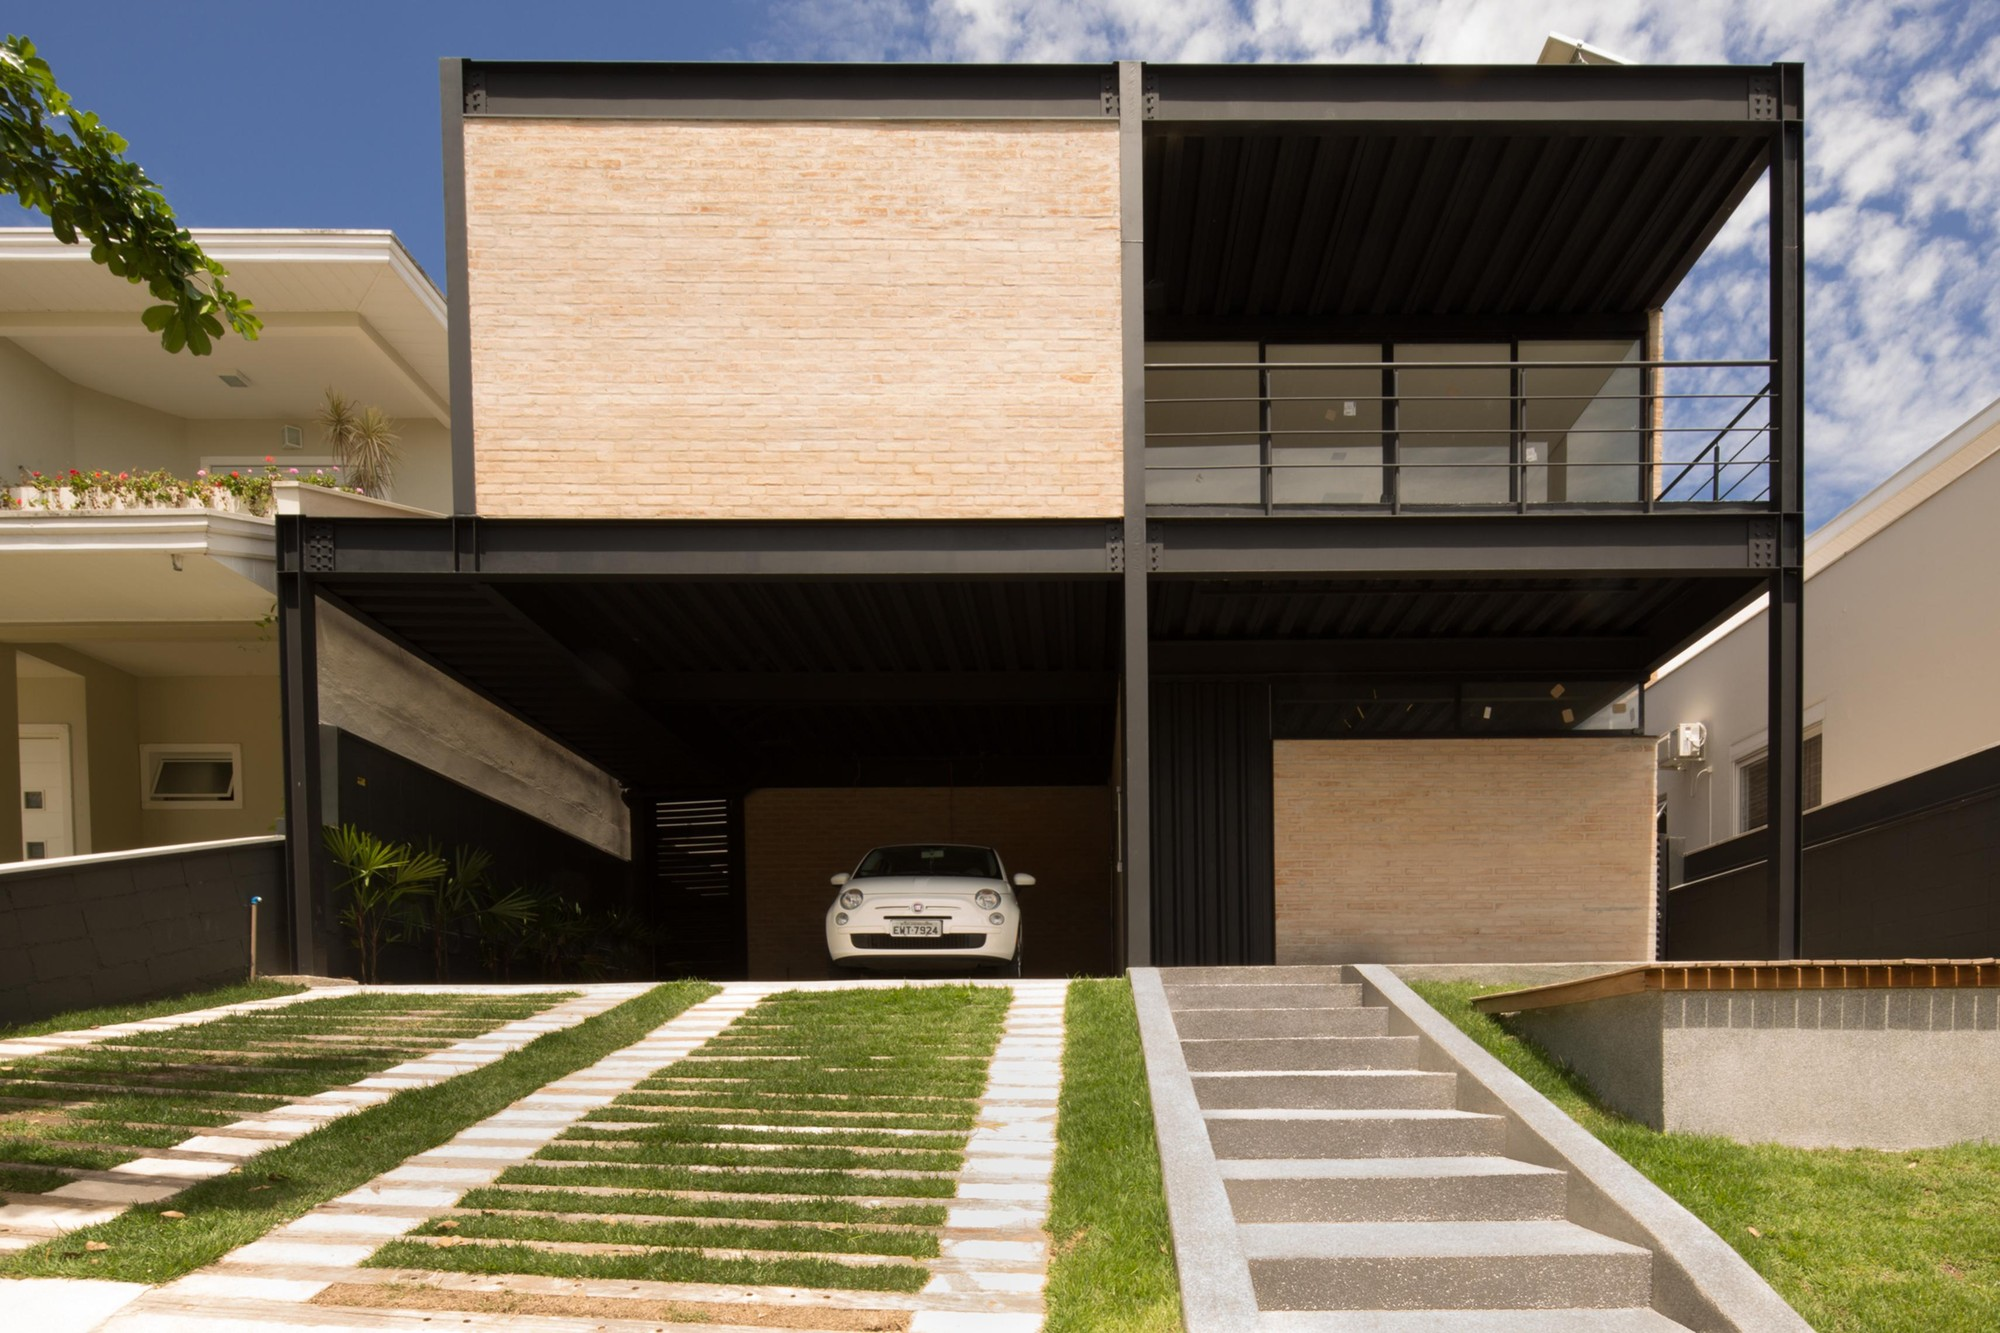 Casa 63 Sonne M Ller Arquiteto Civitas Archdaily M Xico